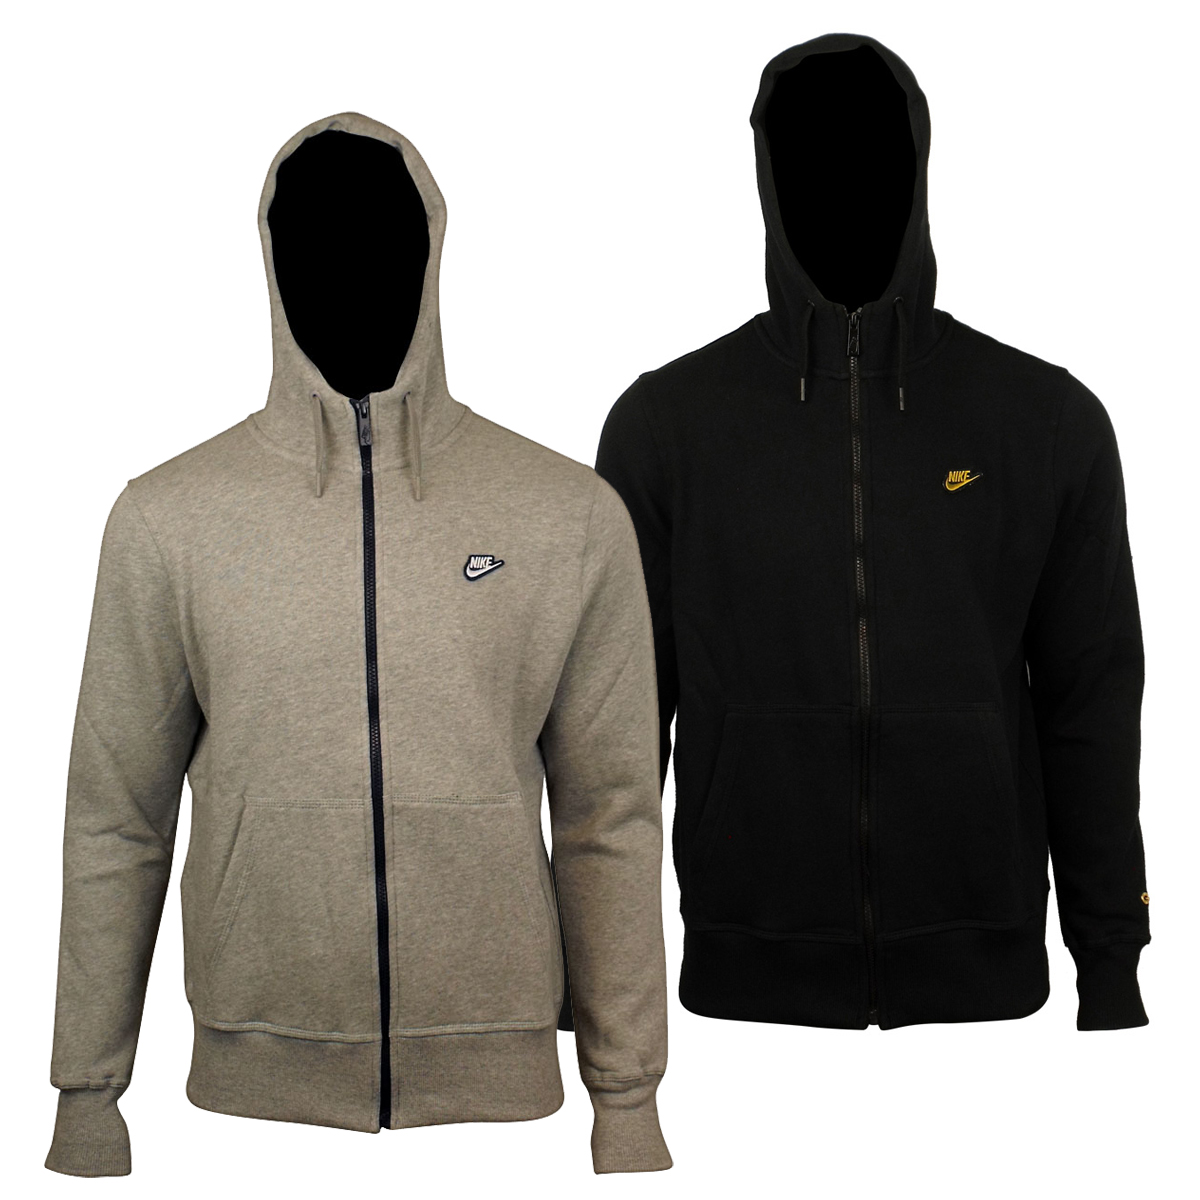 Nike sweatshirt classic fleece full zip hoodie